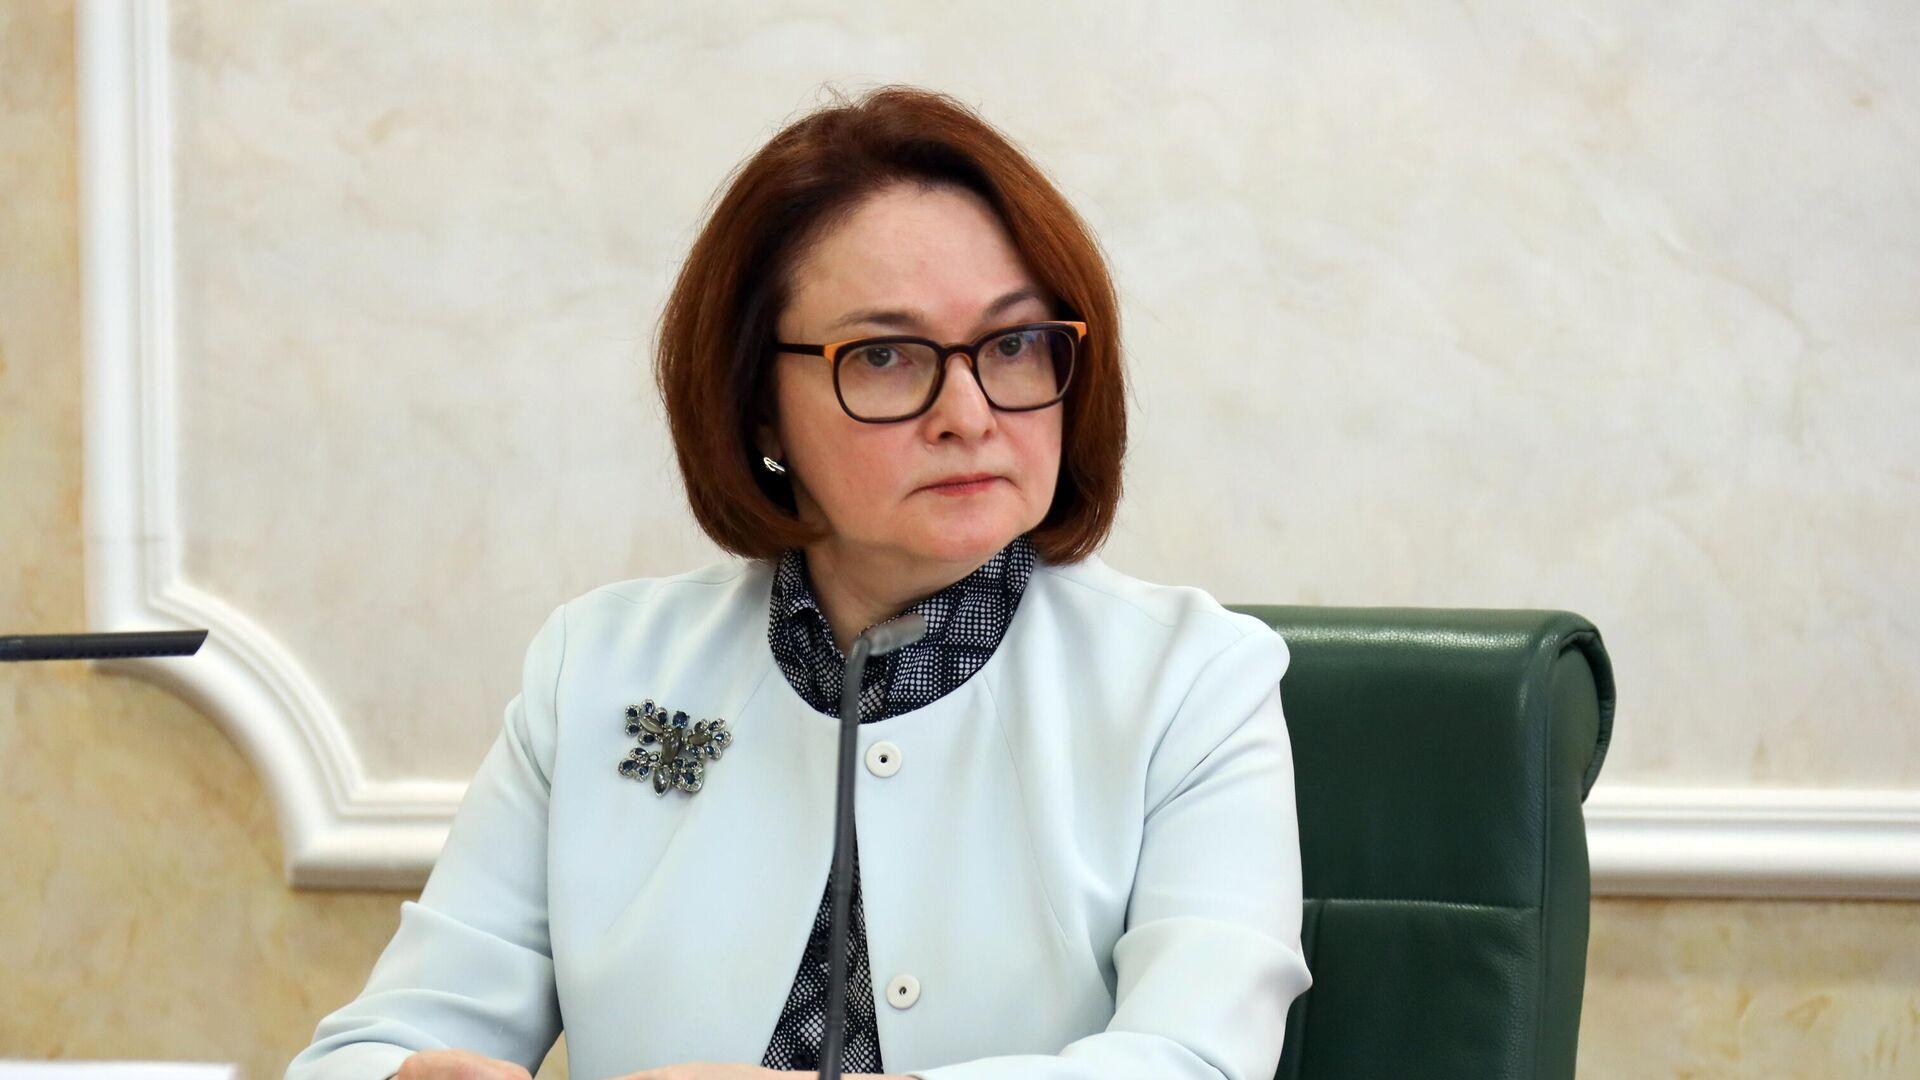 Председатель Центрального банка РФ Эльвира Набиуллина - РИА Новости, 1920, 18.09.2020